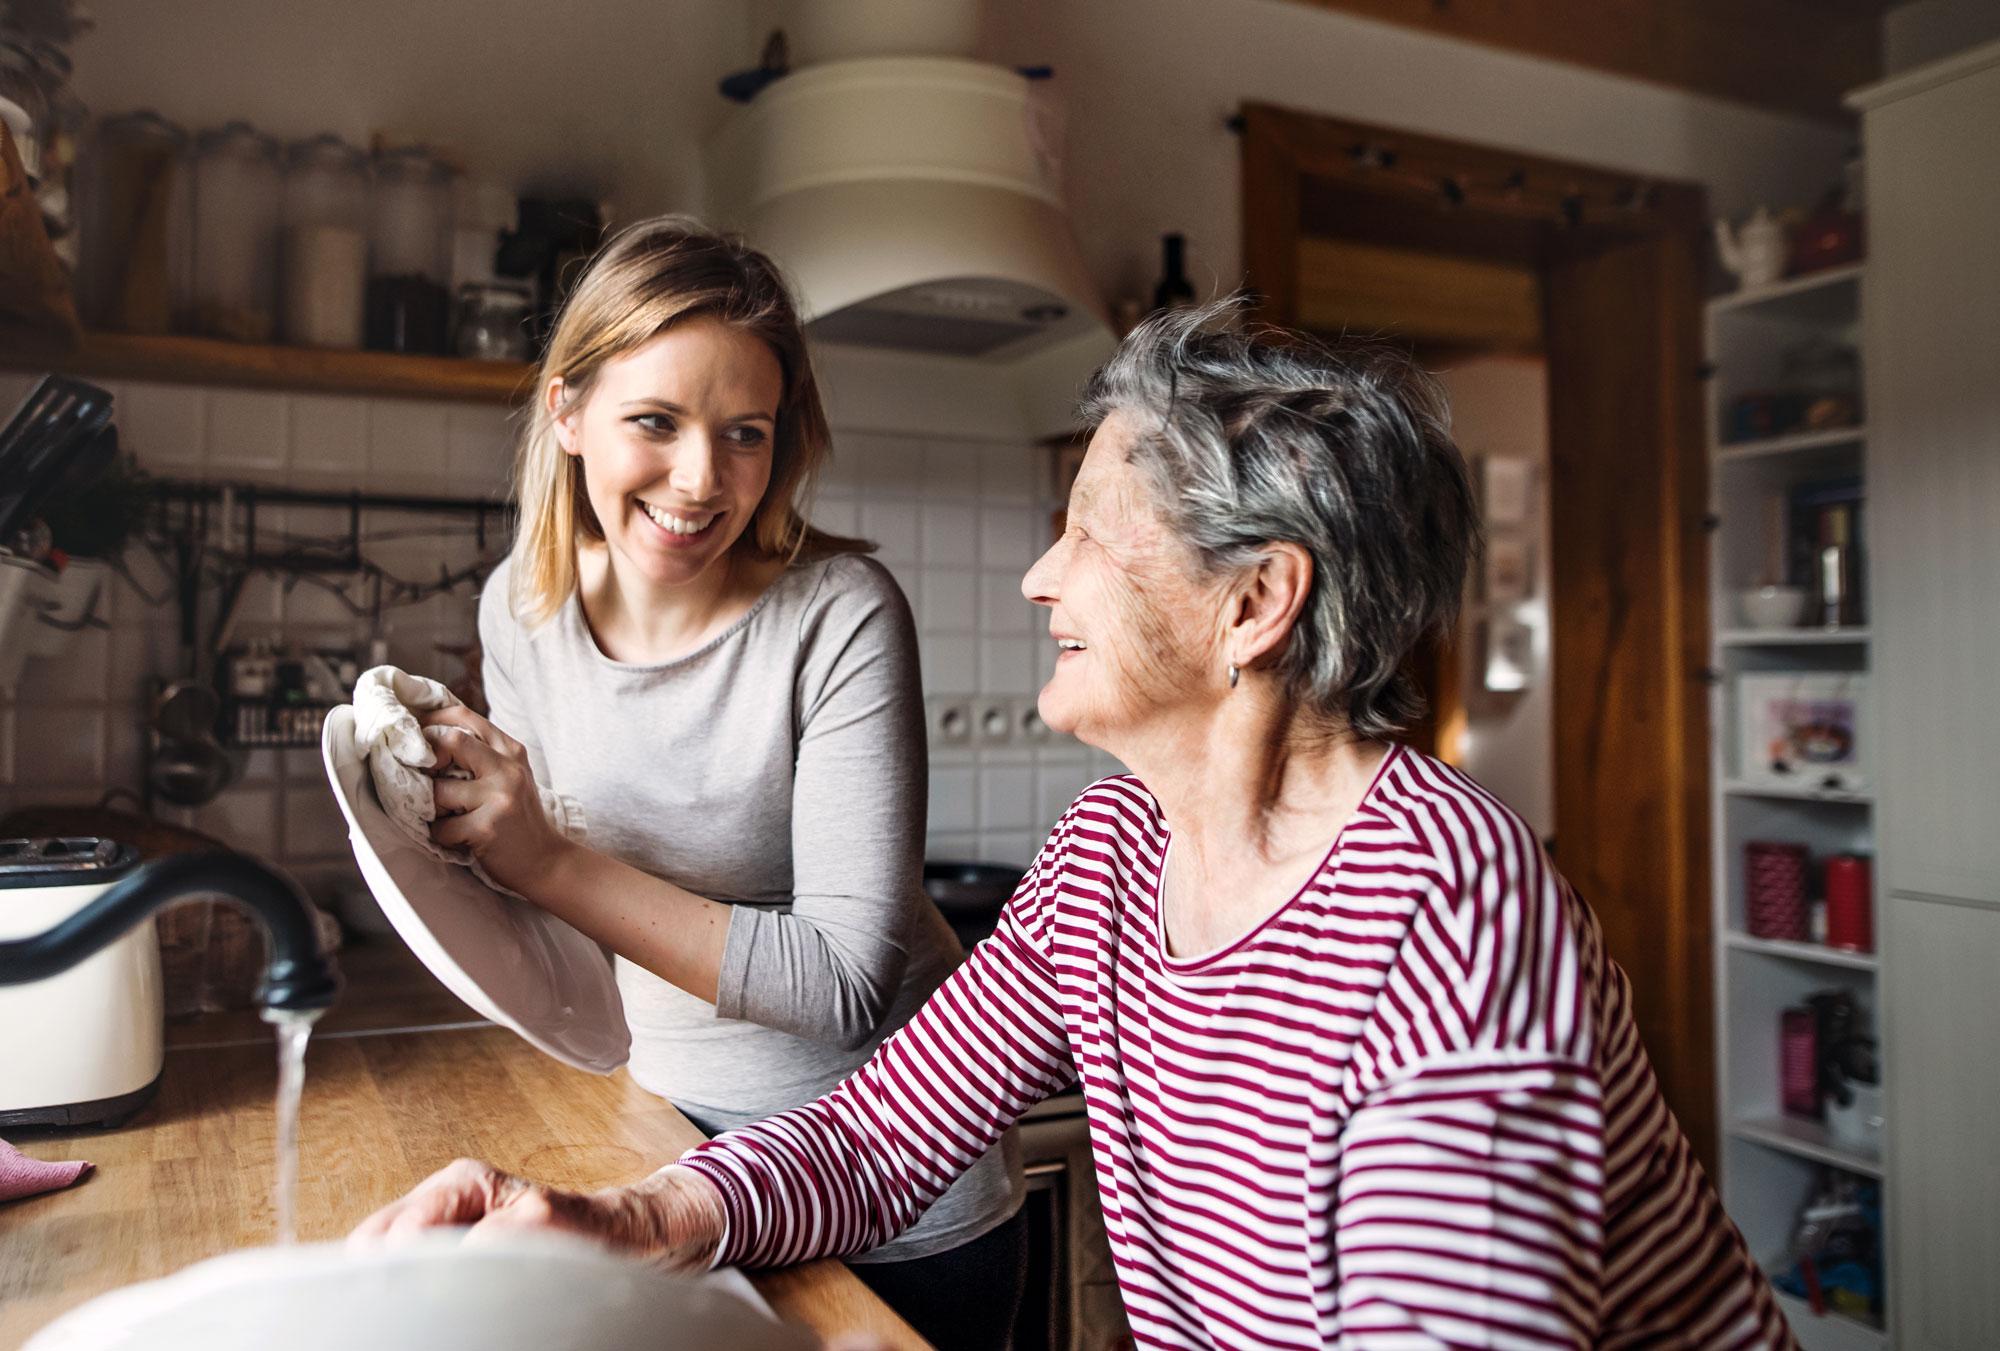 Eldre dame og yngre dame tar oppvasken